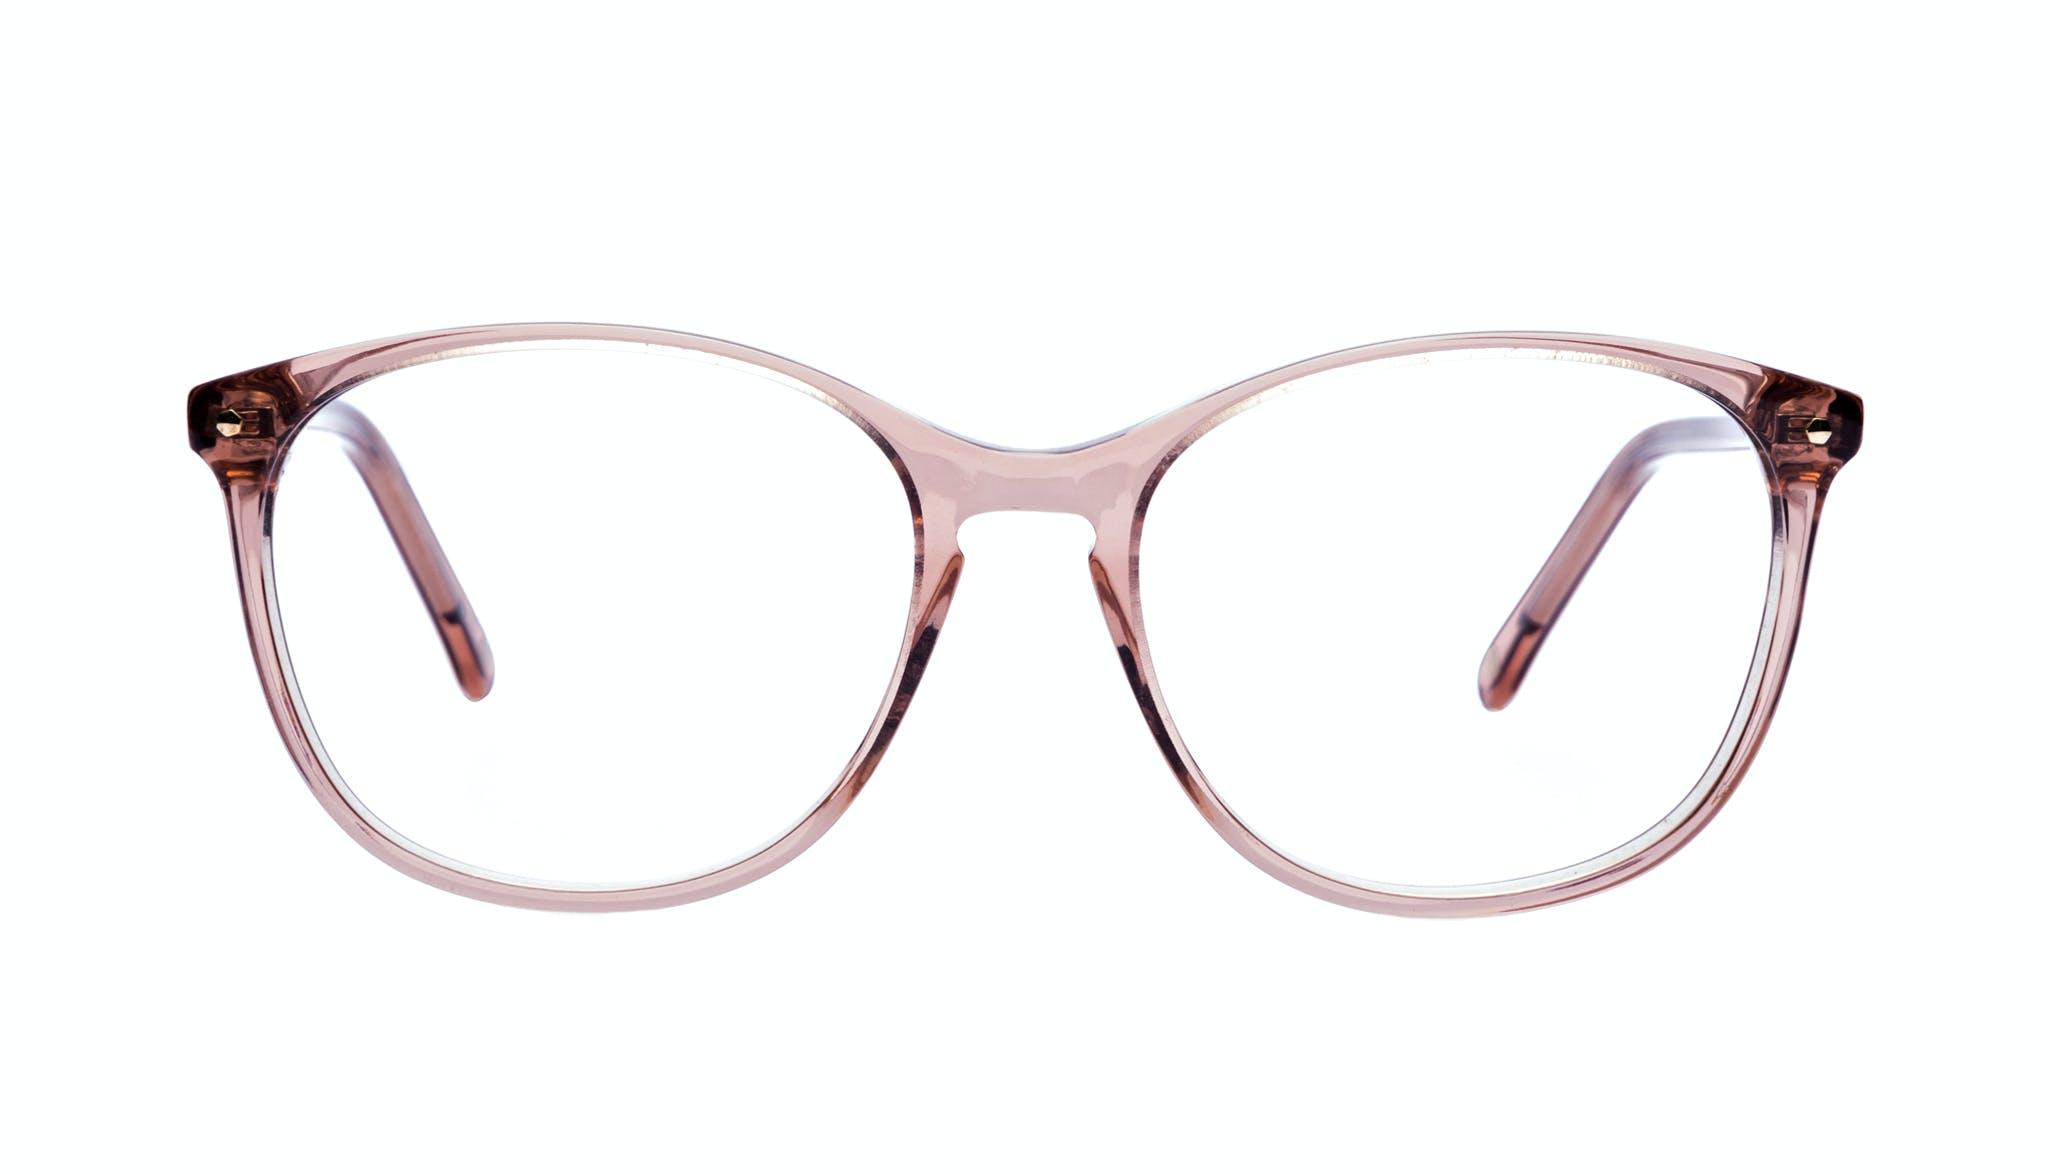 Lunettes tendance Rectangle Carrée Ronde Lunettes de vue Femmes Nadine Rose